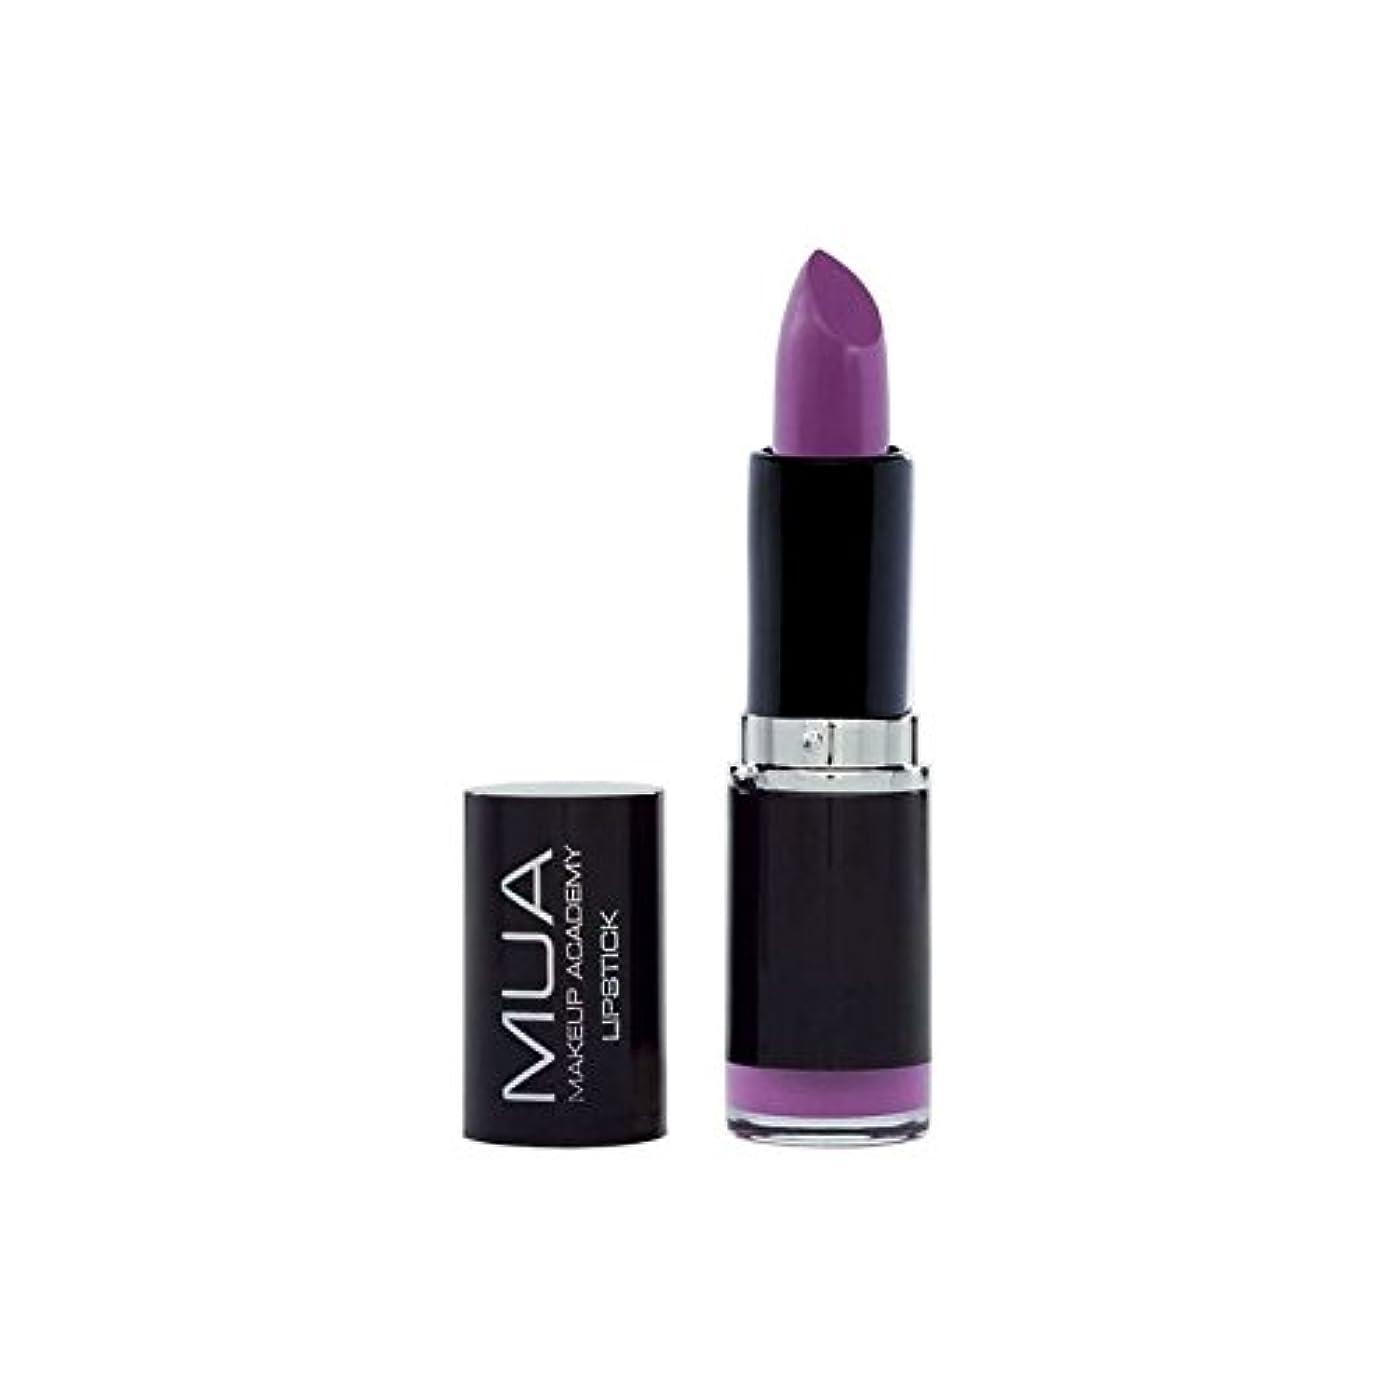 池荒野ミュートの口紅 - 桑 x2 - MUA Lipstick - Mulberry (Pack of 2) [並行輸入品]